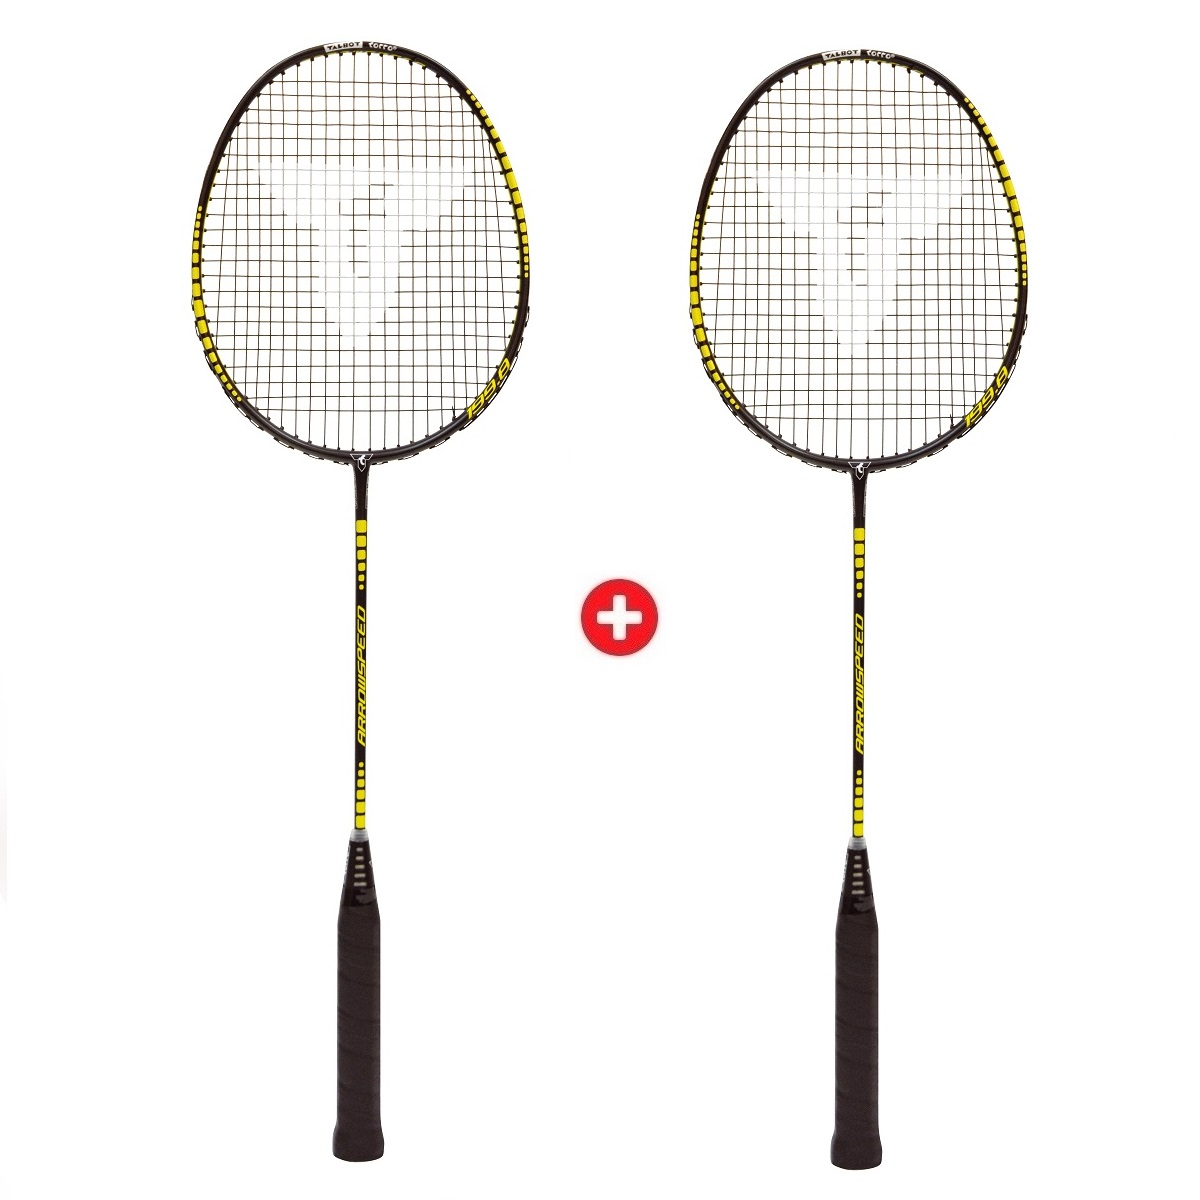 Akční set - 2x Badmintonová raketa TALBOT TORRO Arrowspeed 199.8